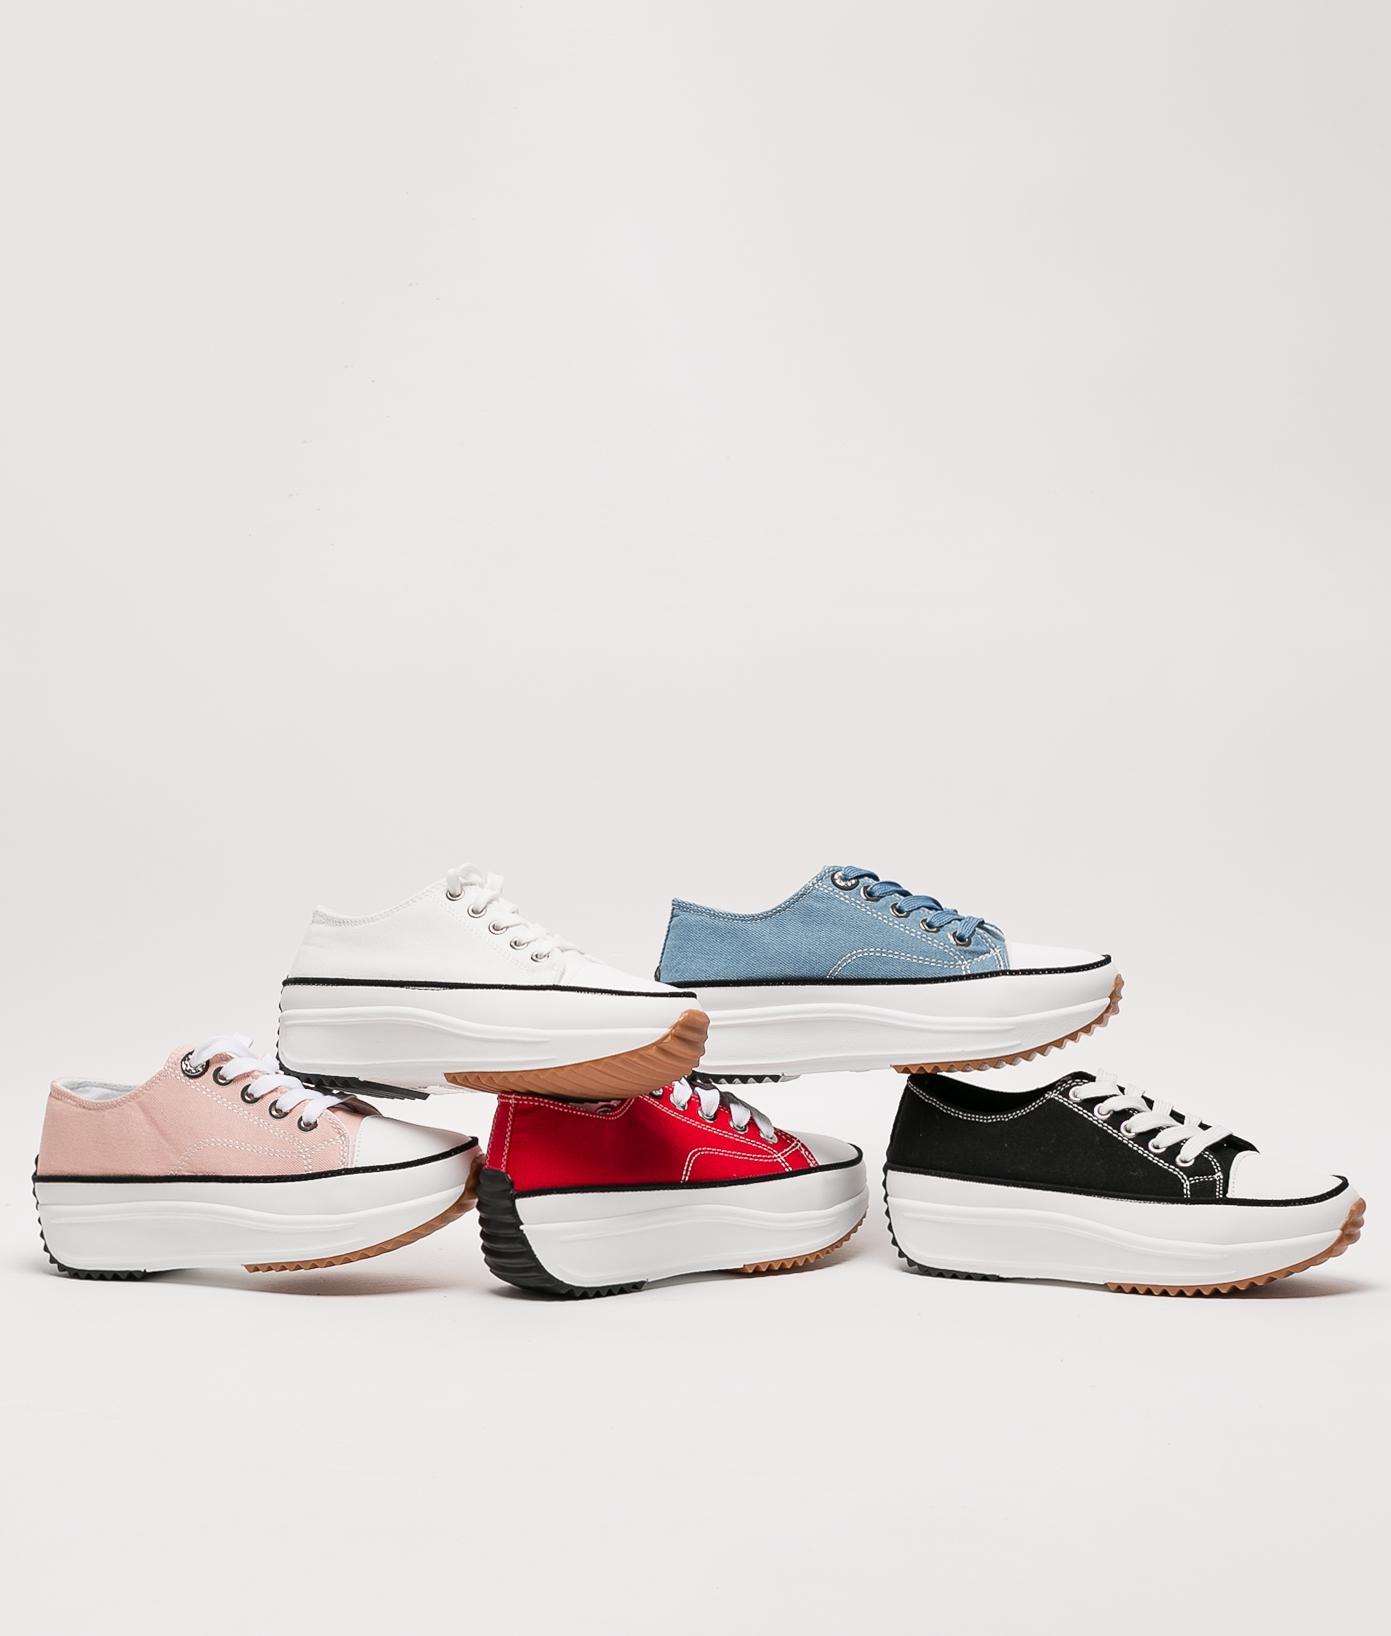 Sneakers PANDEL - ROSA